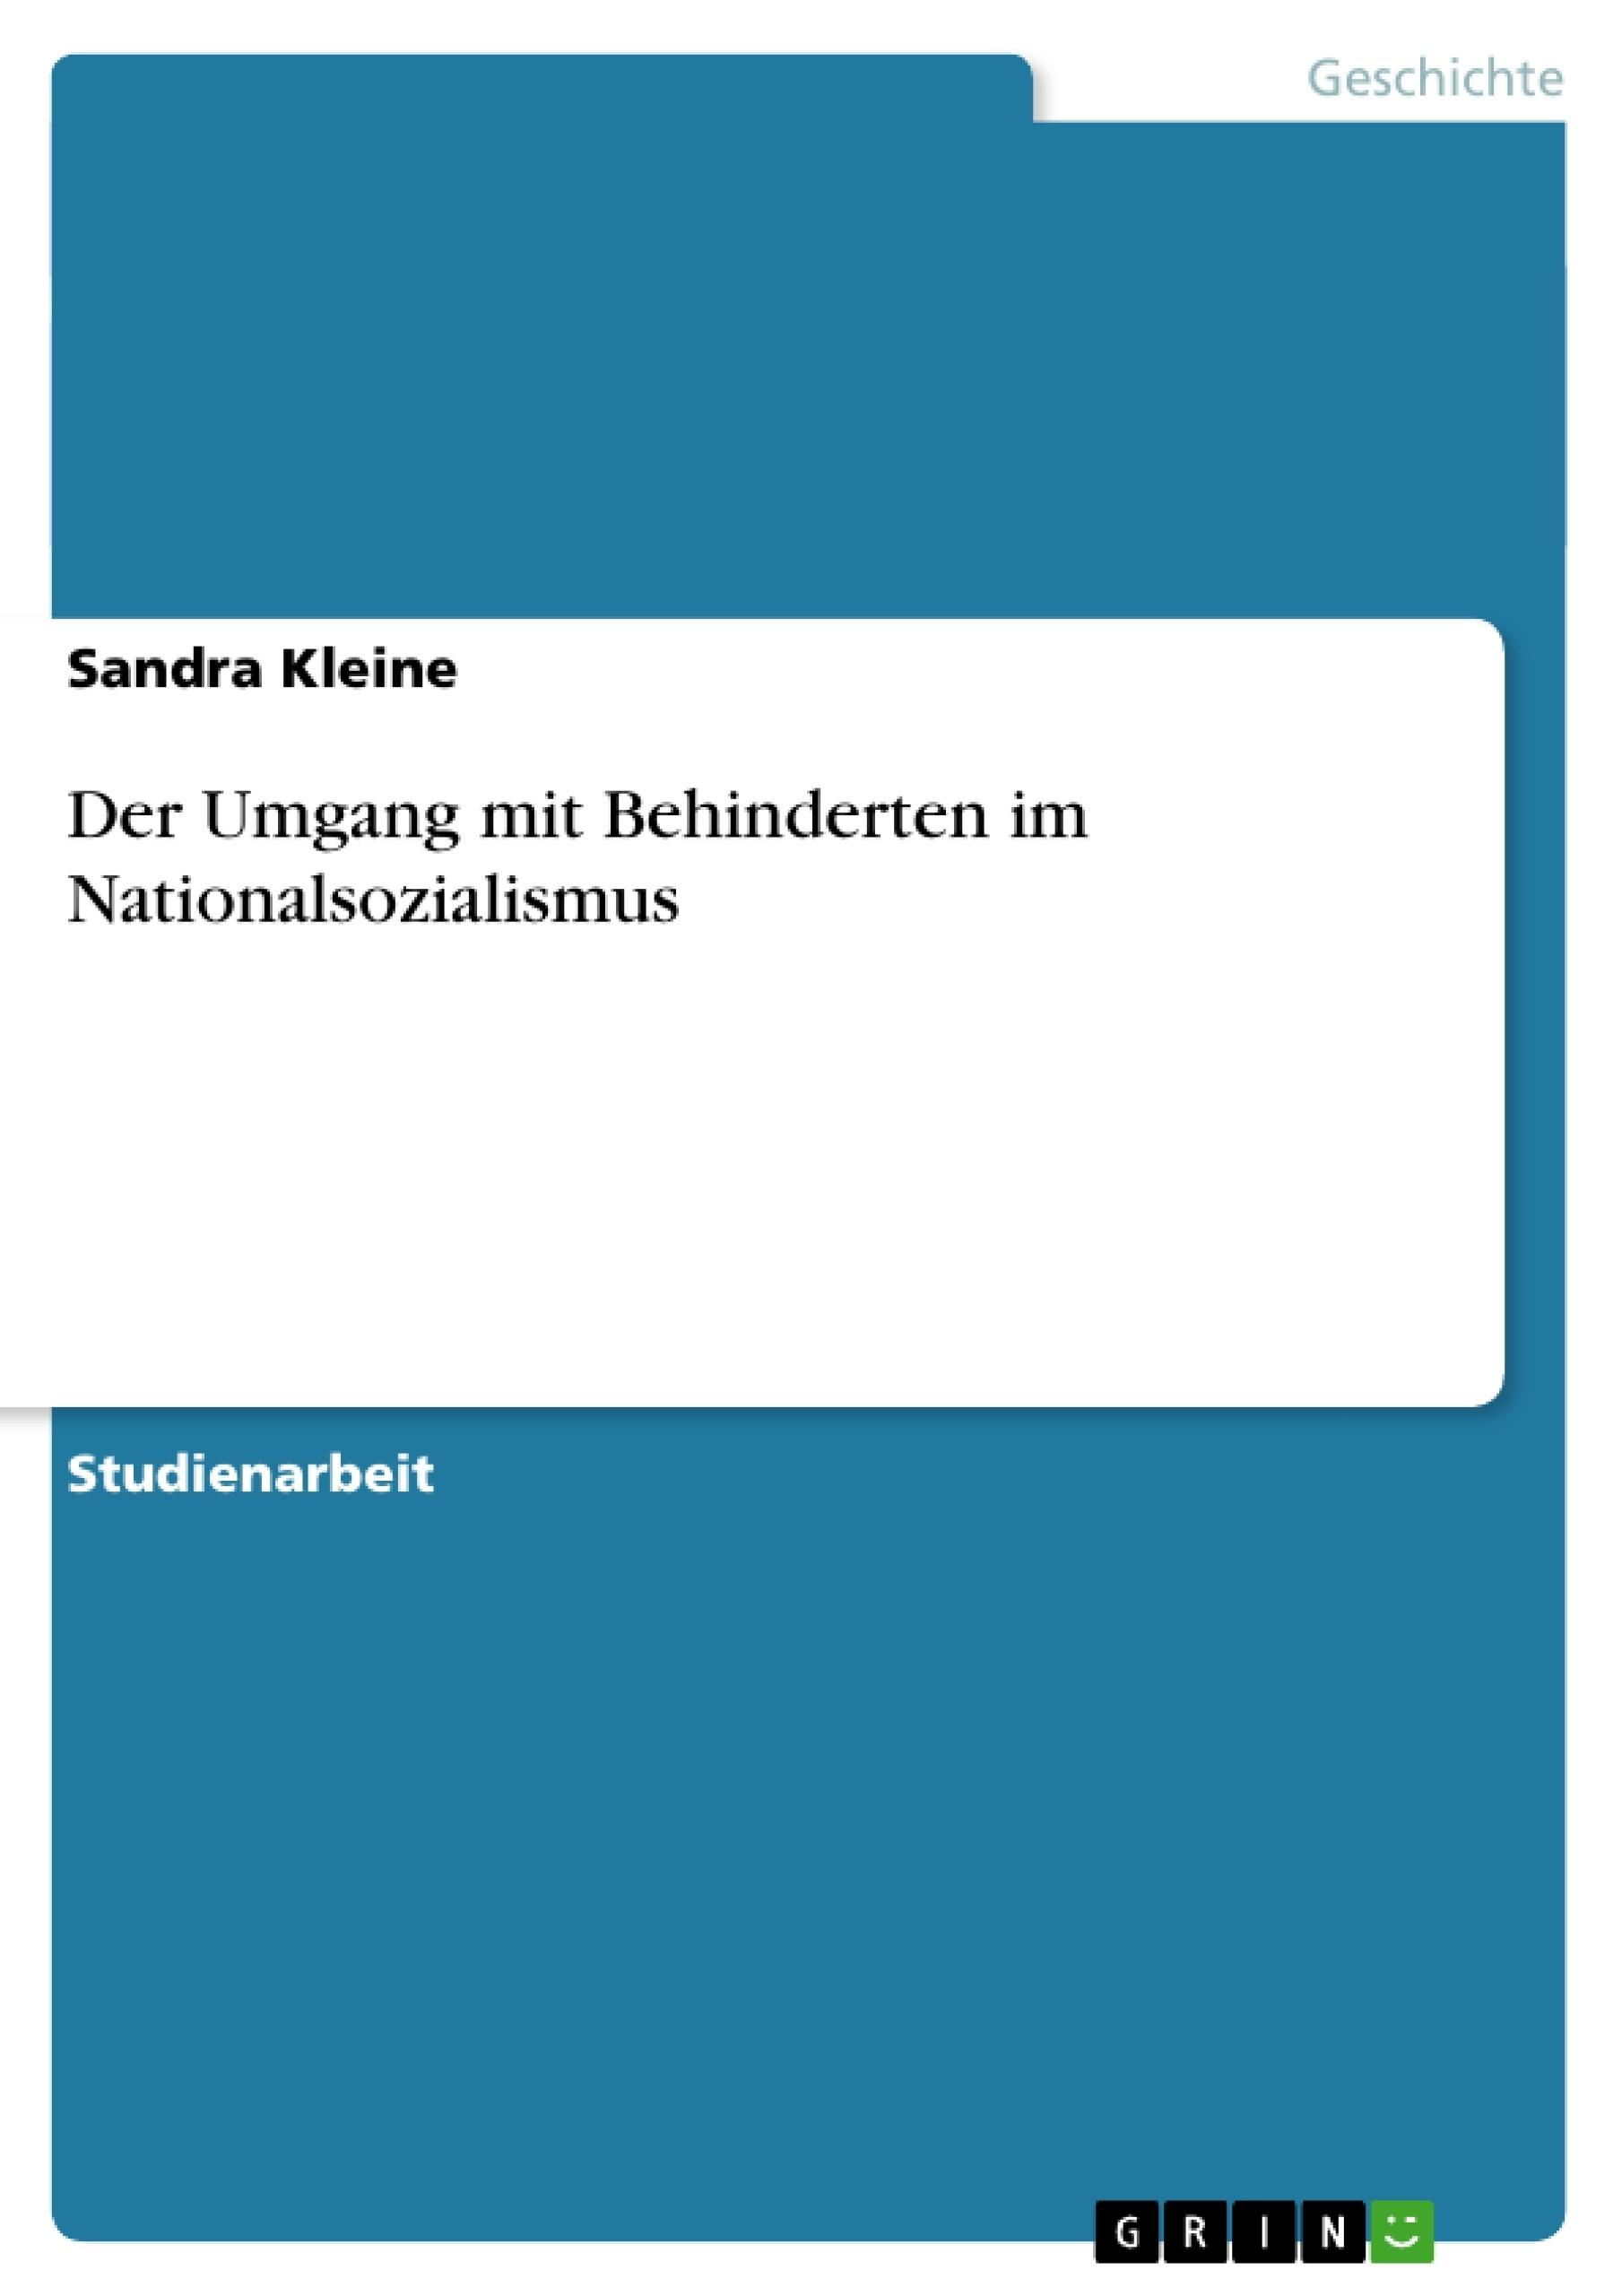 Titel: Der Umgang mit Behinderten im Nationalsozialismus